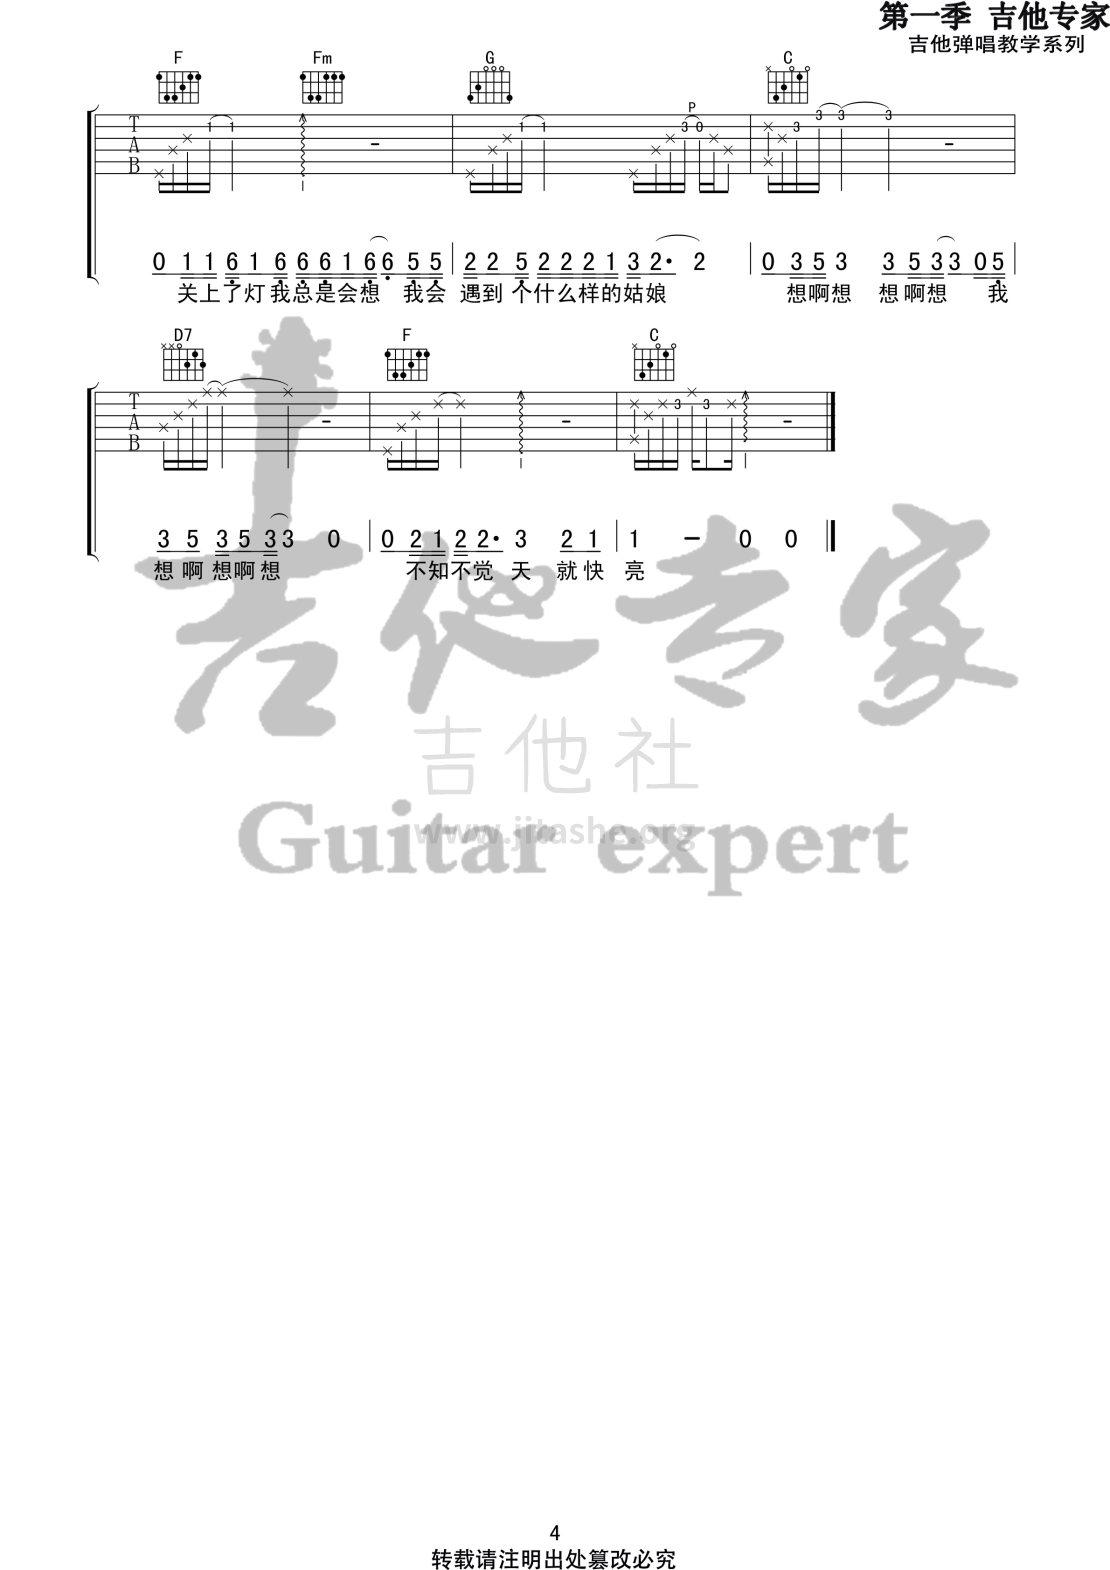 姑娘(音艺吉他专家弹唱教学:第一季第36集)吉他谱(图片谱,弹唱,伴奏,教程)_王源_姑娘4  第一季第三十六集.jpg